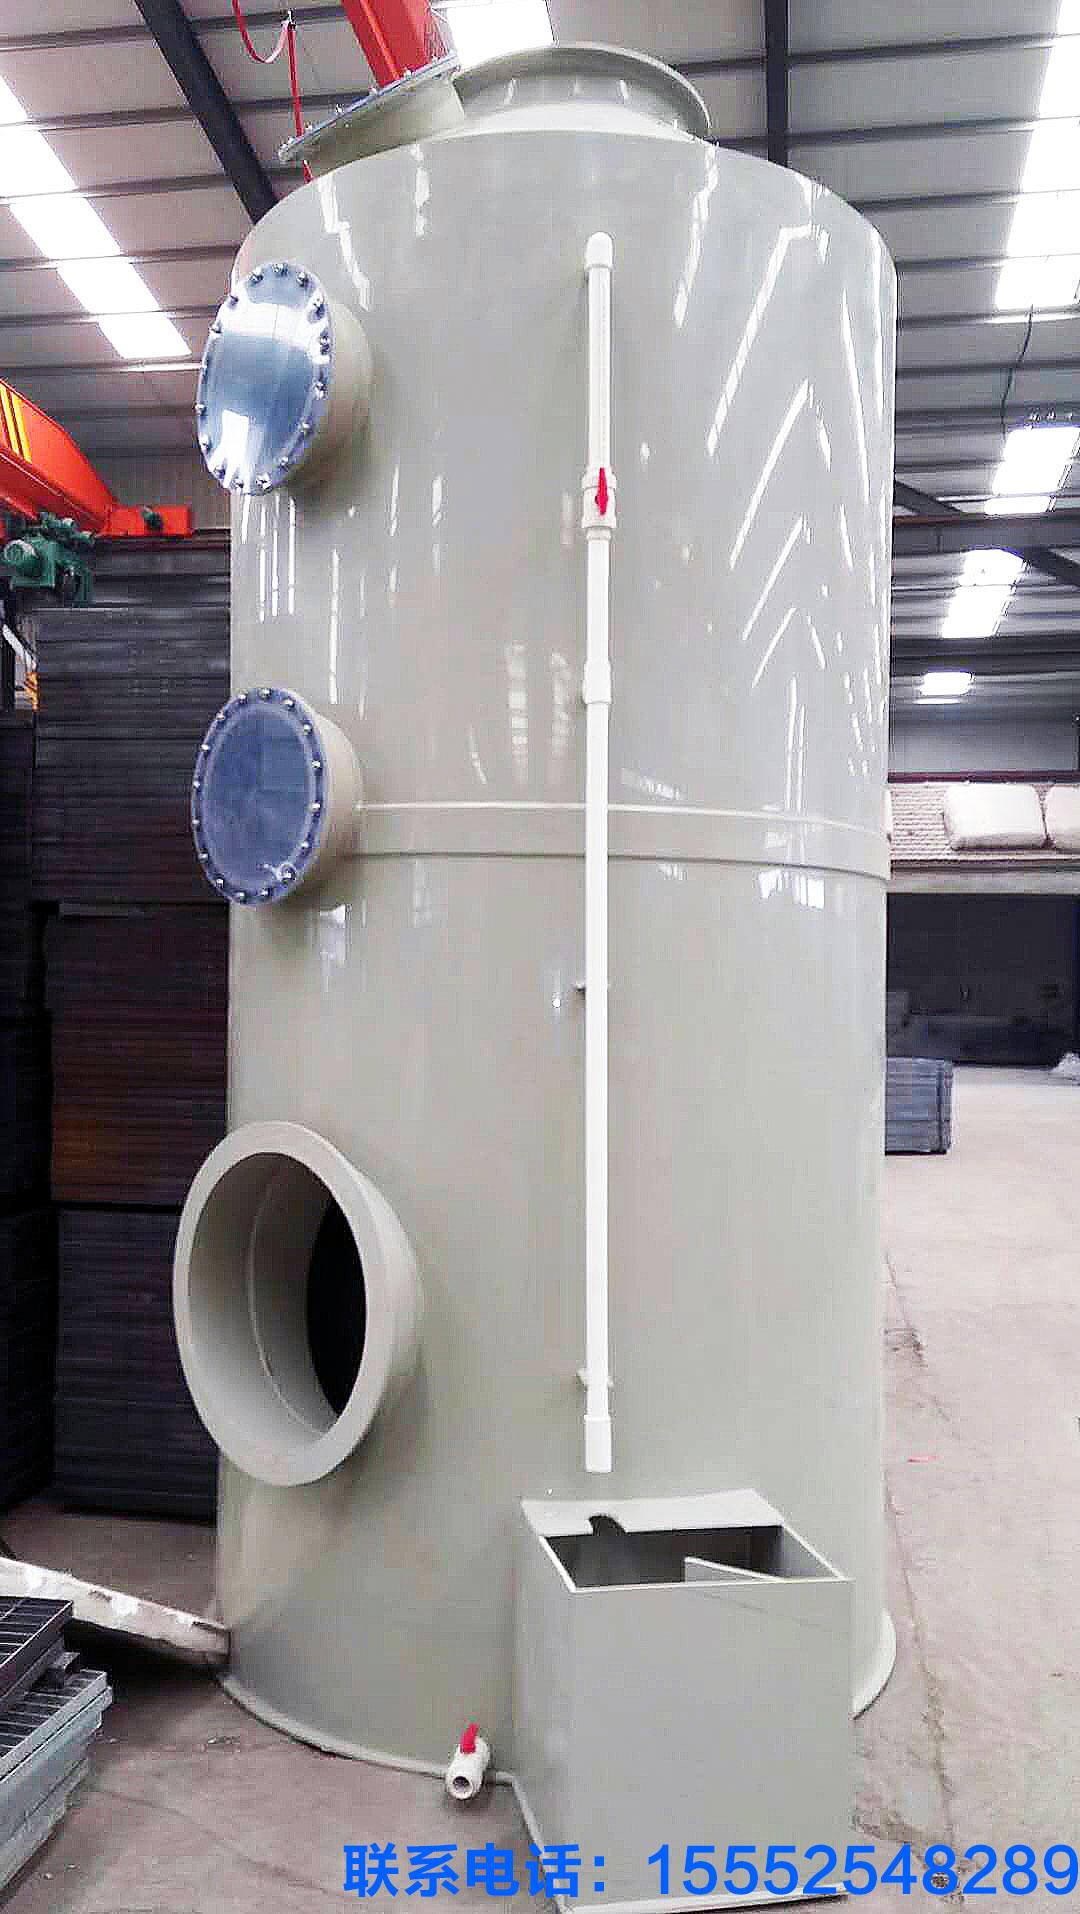 喷淋塔设备-山东喷淋塔厂家